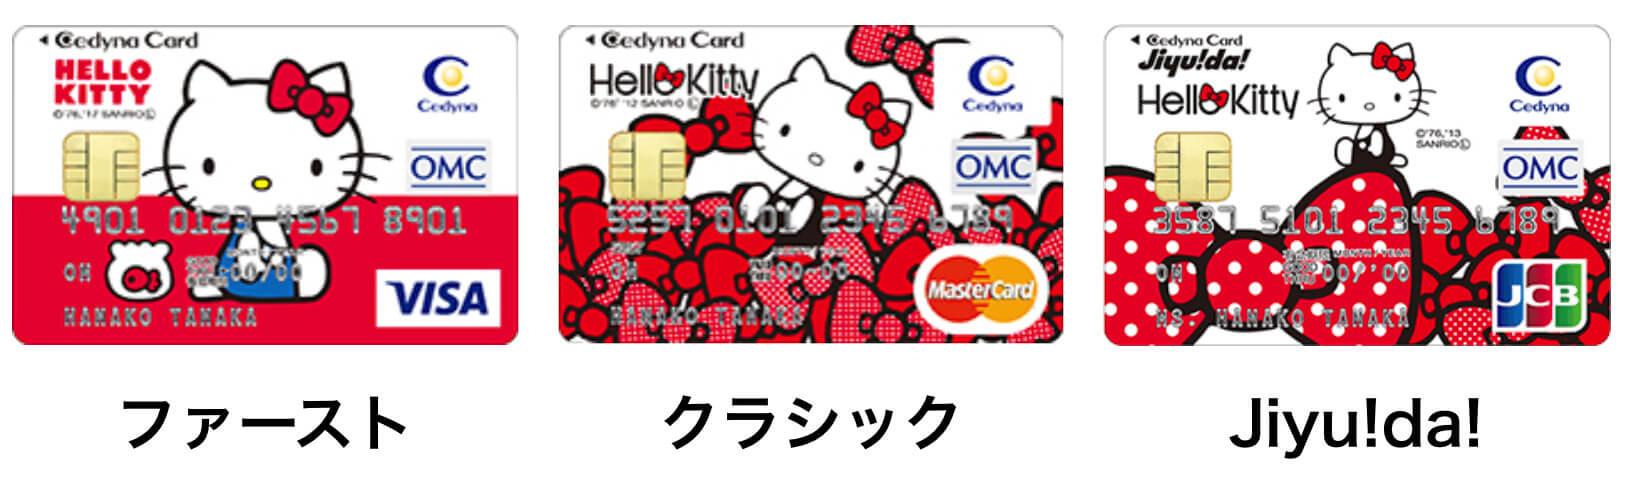 セディナカードファースト セディナカードクラシック セディナカードJiyu!da! ハローキティデザイン キャラクター クレジットカード